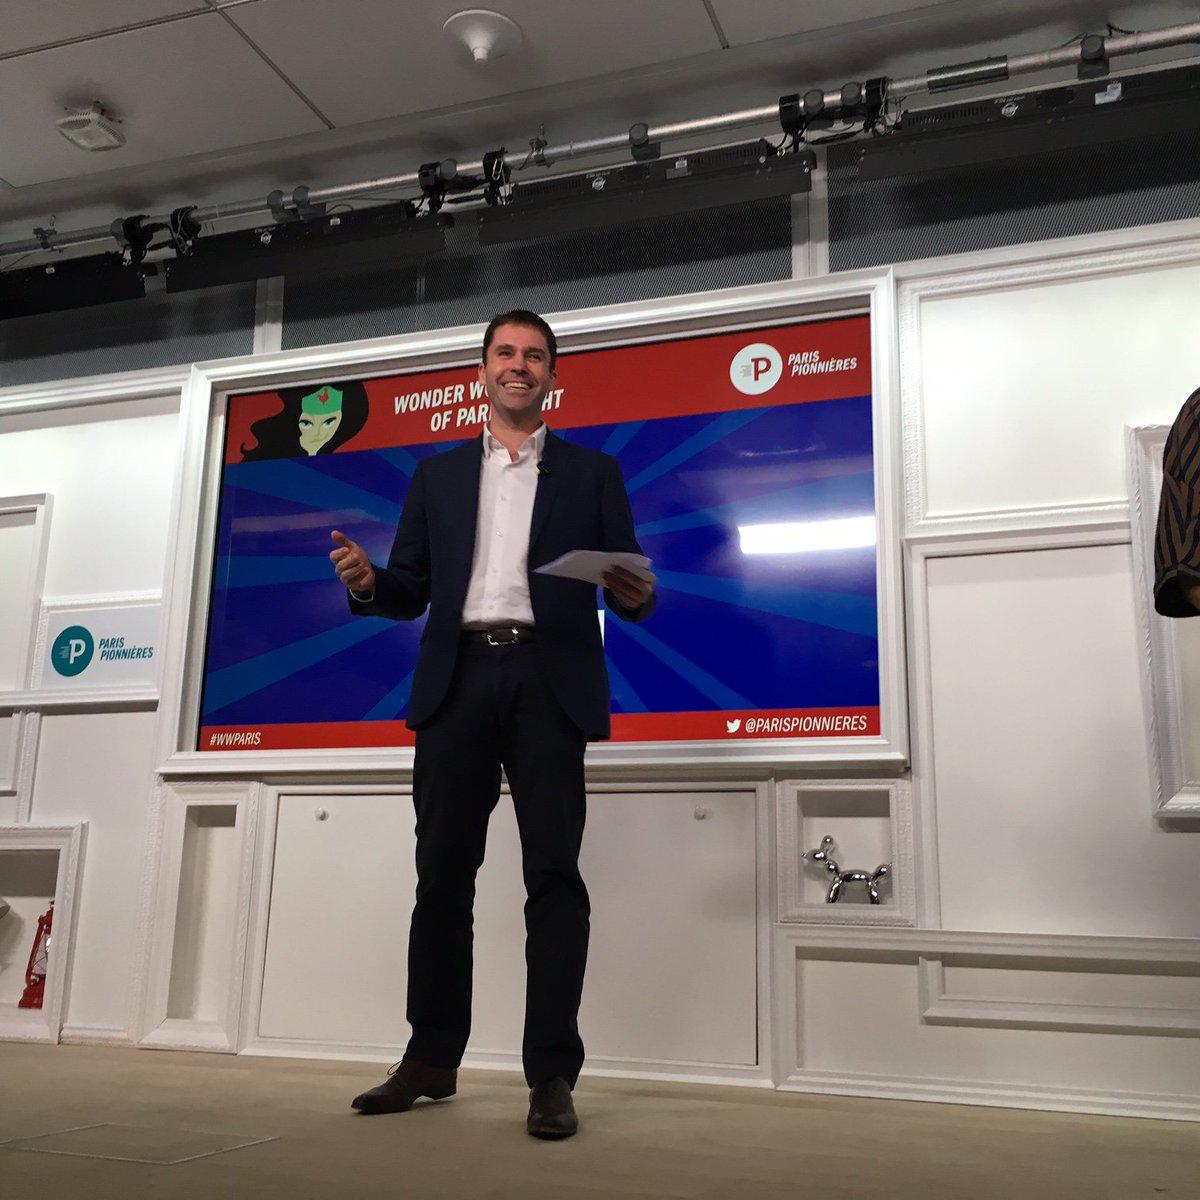 """Nick Leeder, DG @GoogleFrance @MoteurReussites """"Les startup jouent un rôle fondamental dans l'écosystème"""" #WWParis https://t.co/yv41gHpOZv"""